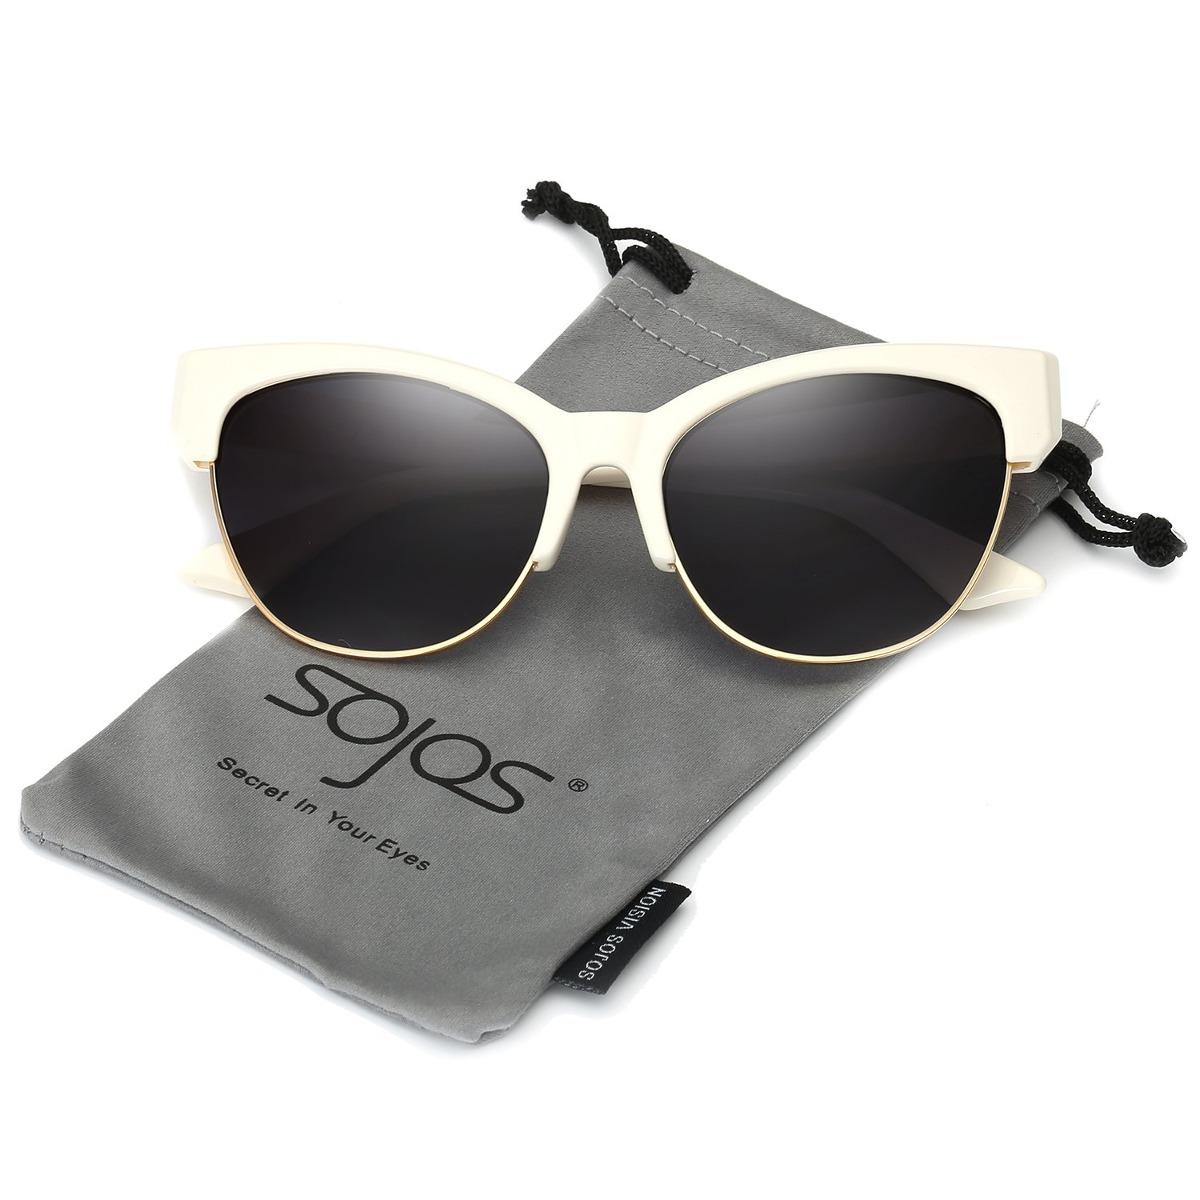 Sojos Gafas De Sol Mujer Clásico Ojo De Gato Con Marco Mitad ... 923215c51348